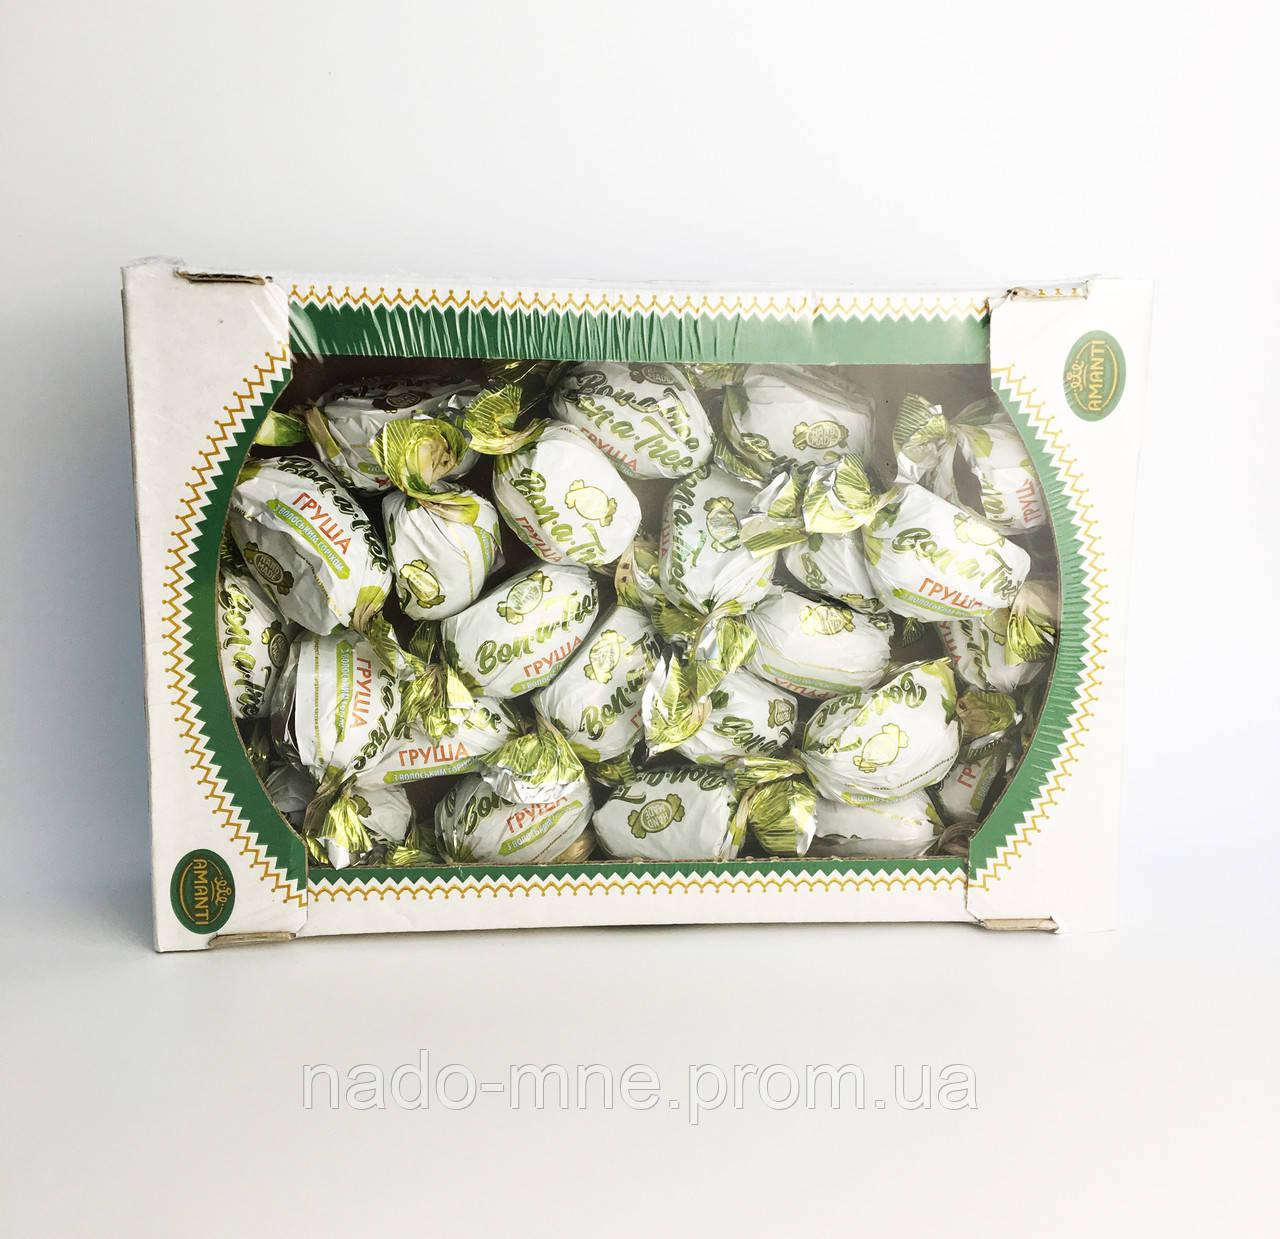 Конфеты Amanti Груша с грецким орехом, Украина, 1 кг.